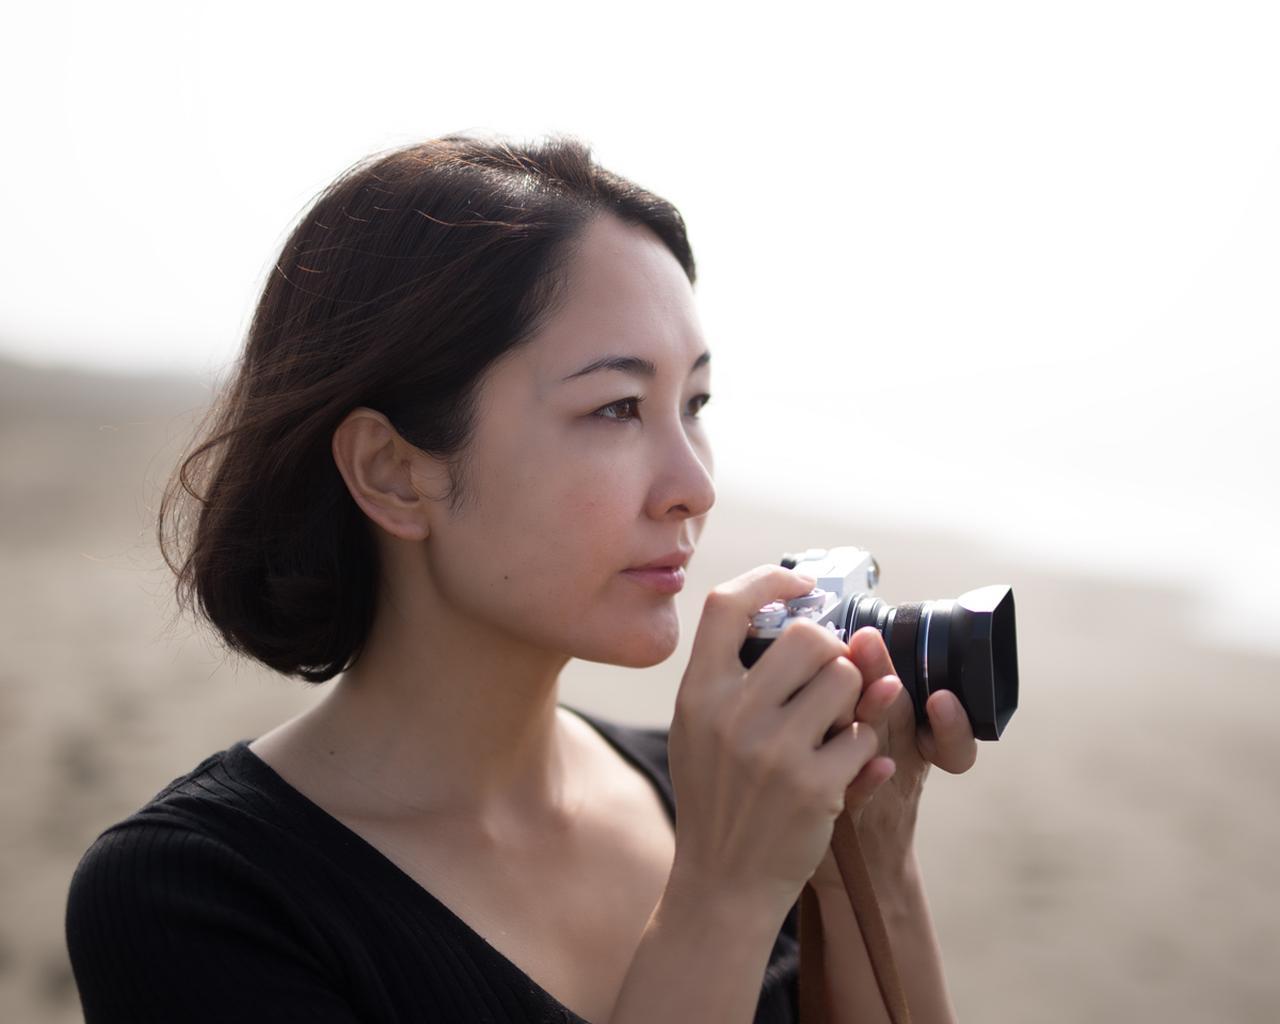 画像: 「柔らかな愛情表現と絶妙の距離感」 「カメラマン最前線」大門美奈さん(中編)